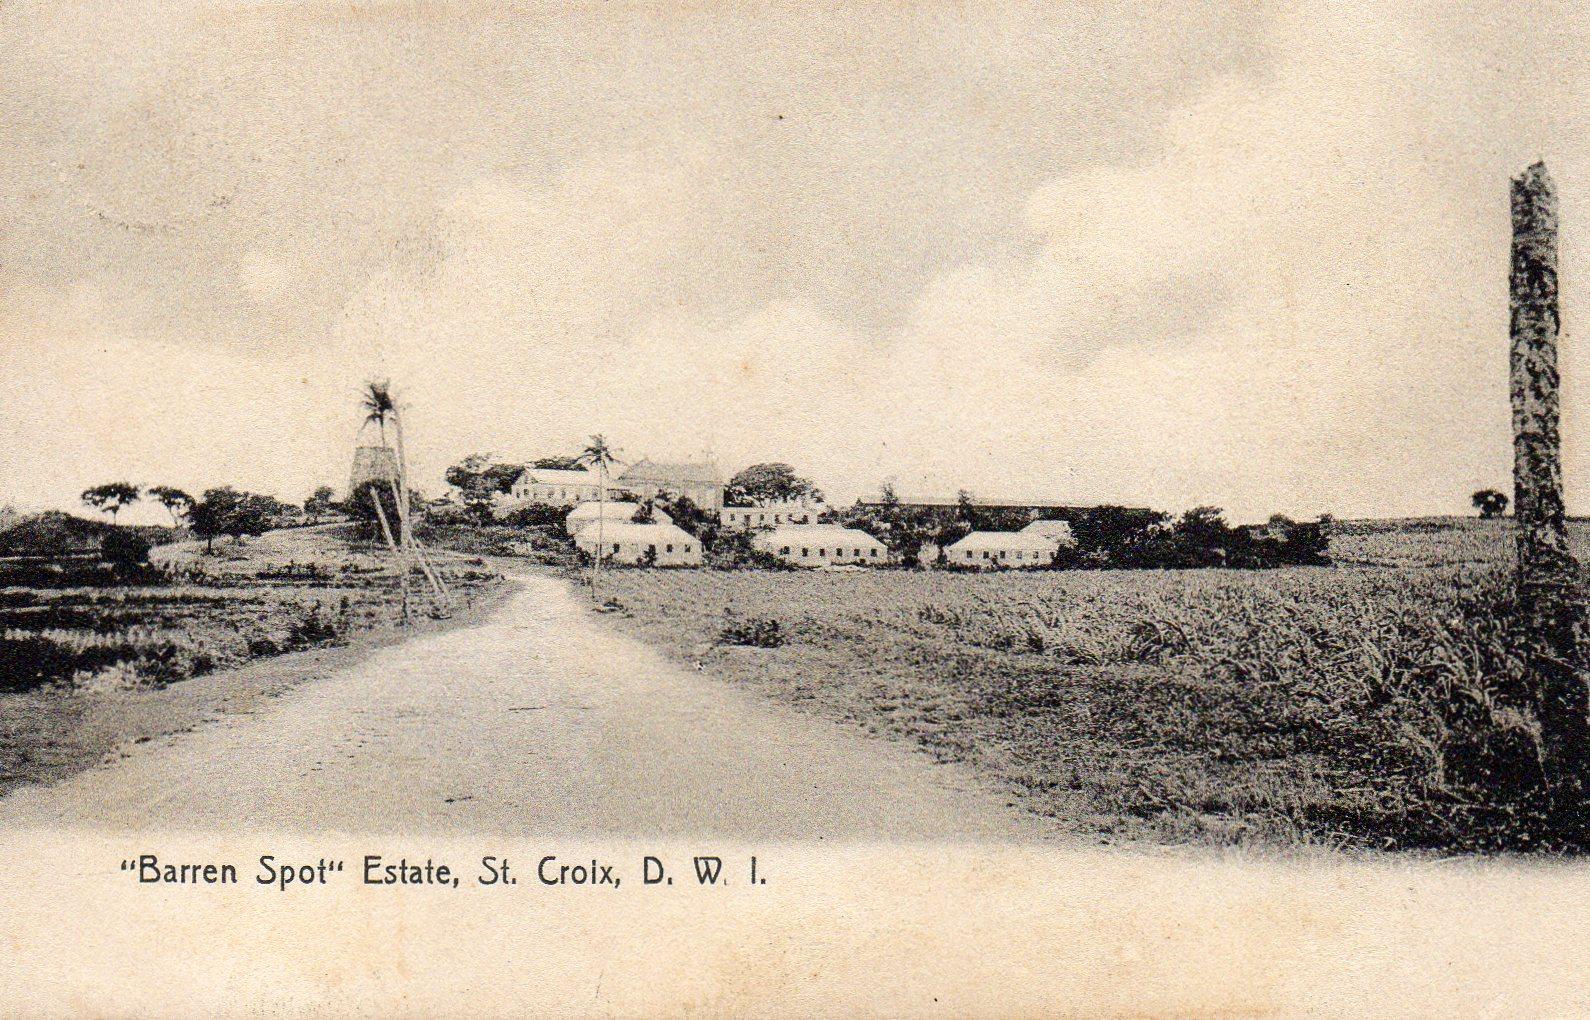 Barren Spot Estate